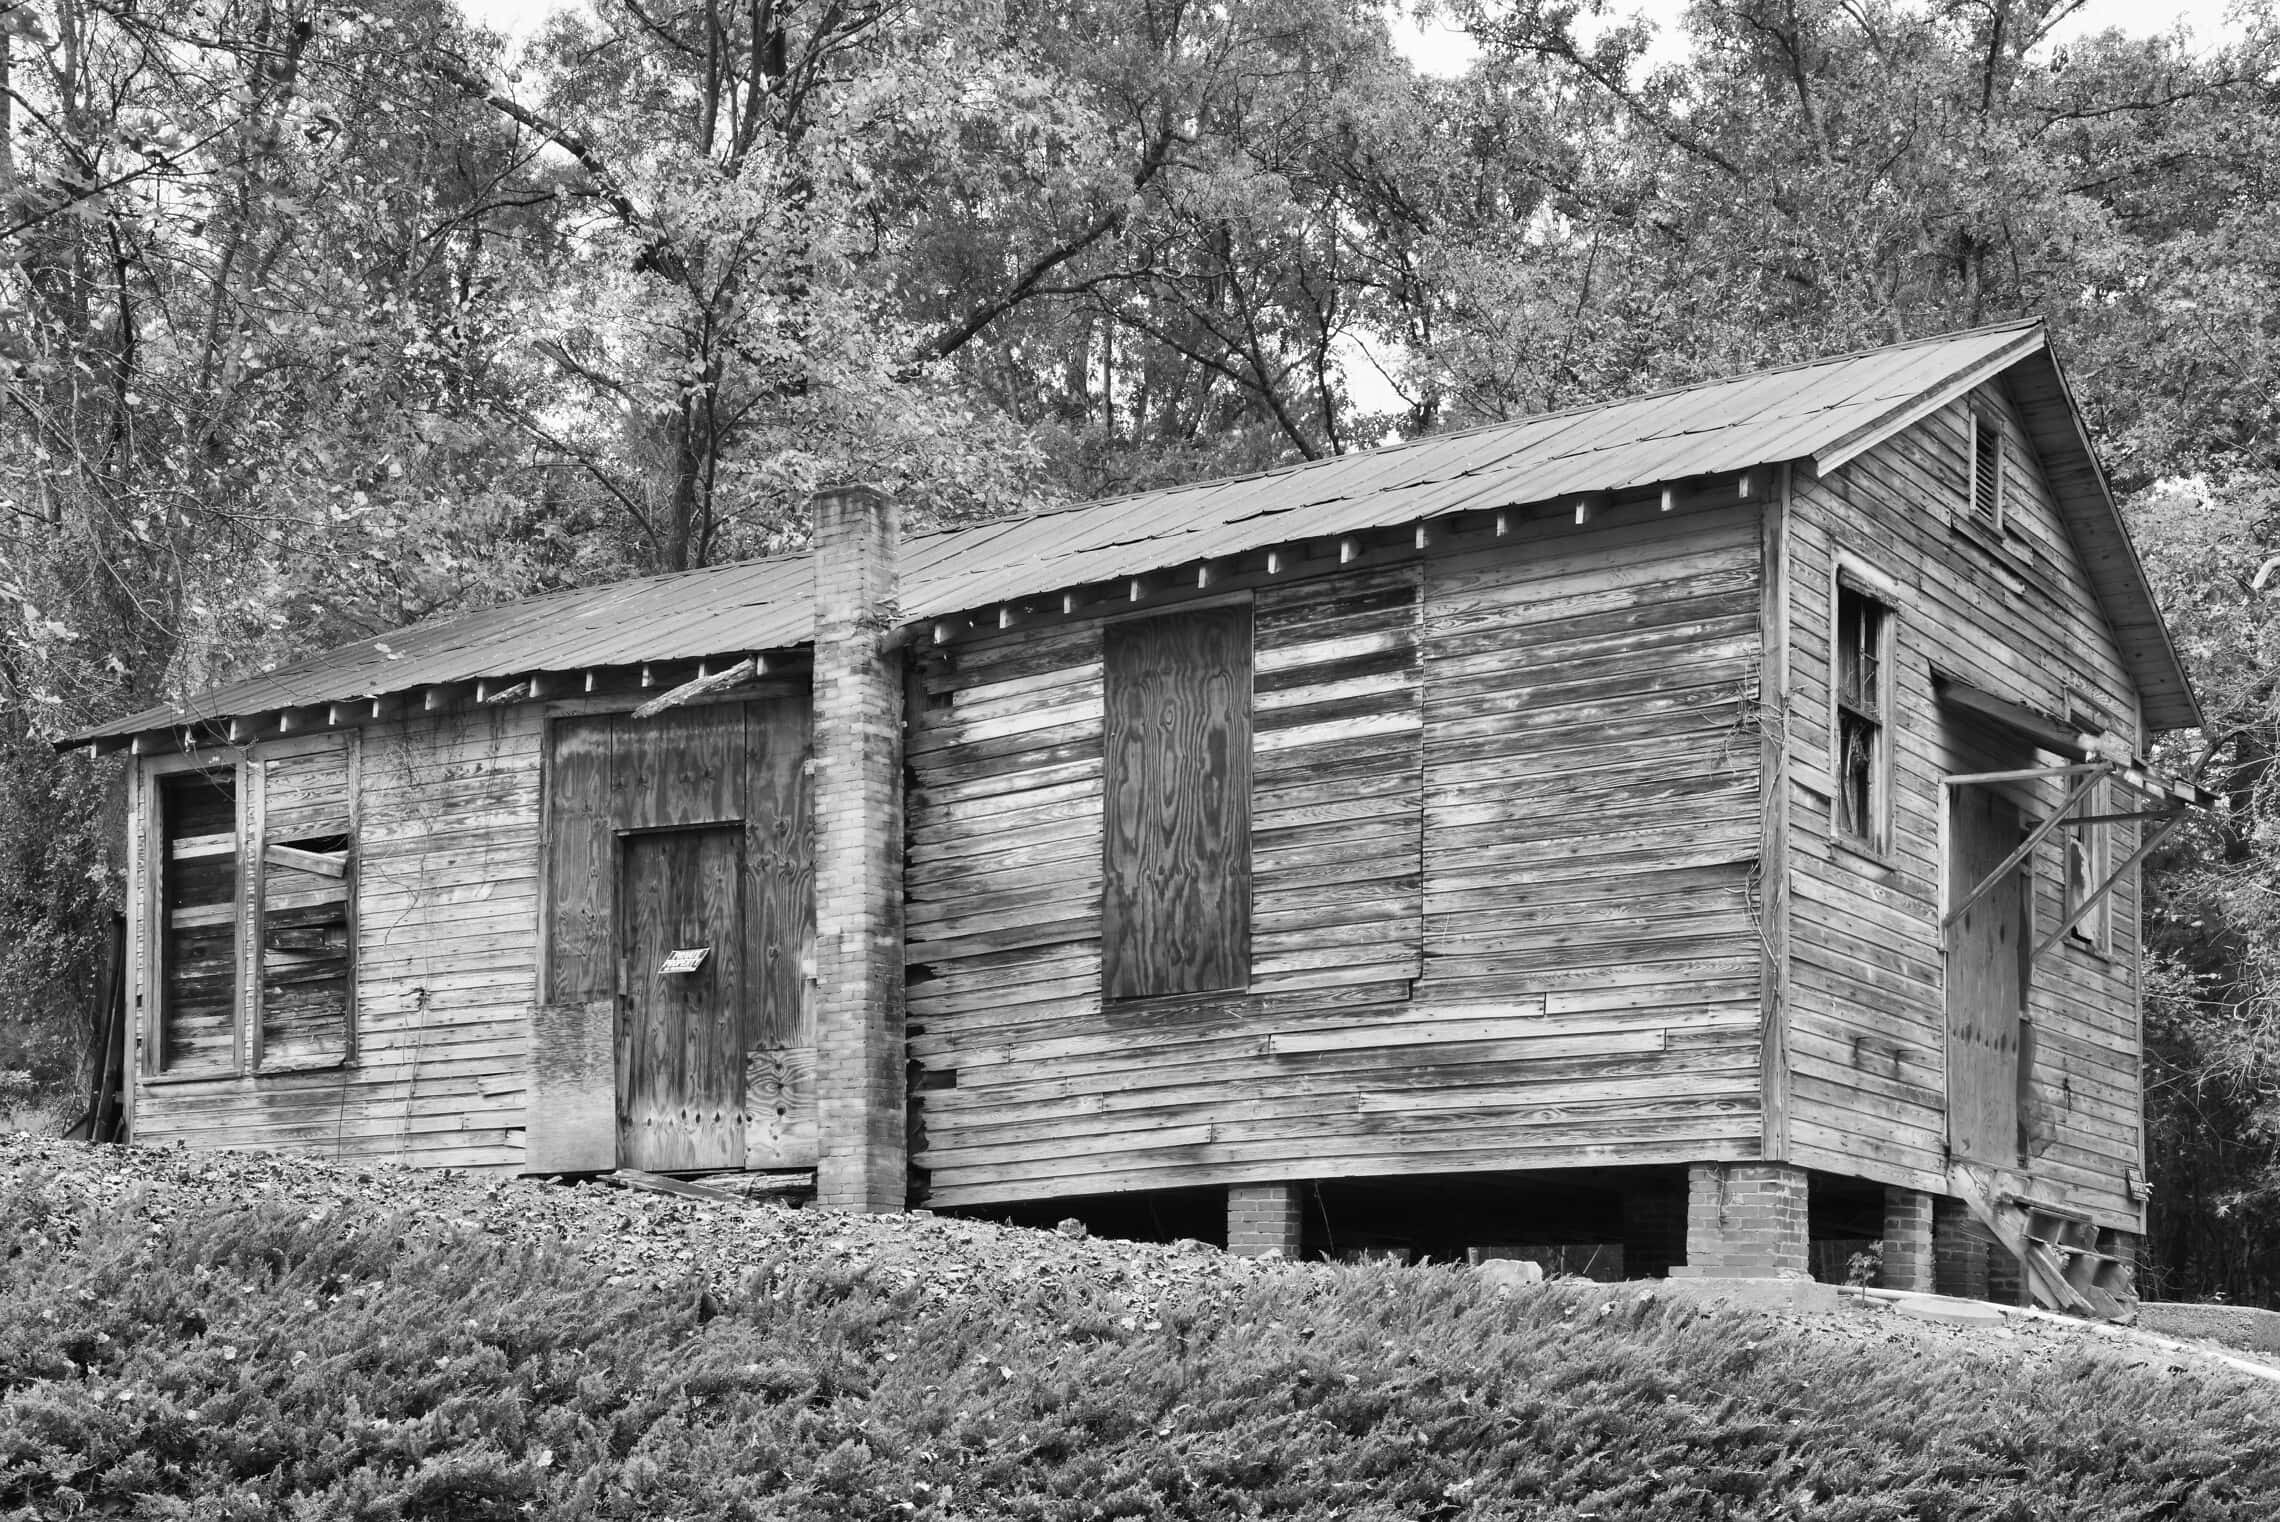 בית ספר מפרויקט רוזנוולד במחוז מקלנברג, צפון קרולינה (צילום: אנדרו פיילר)